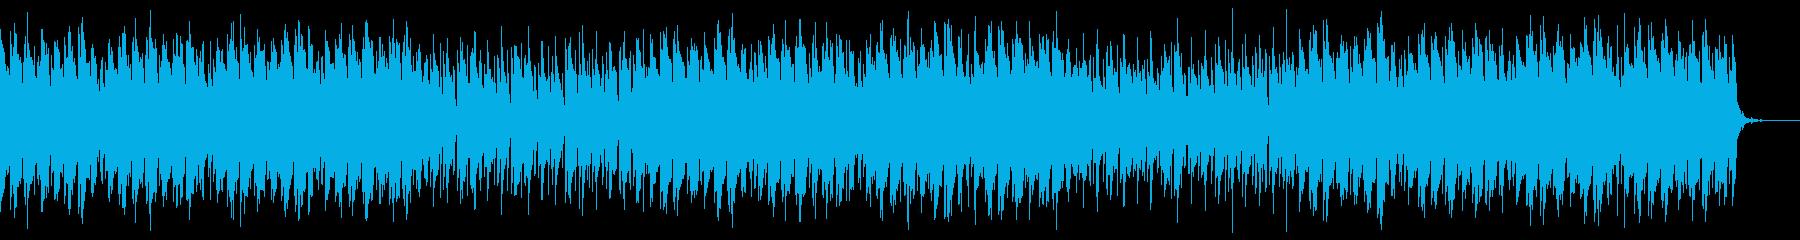 しっとりとした和風曲の再生済みの波形